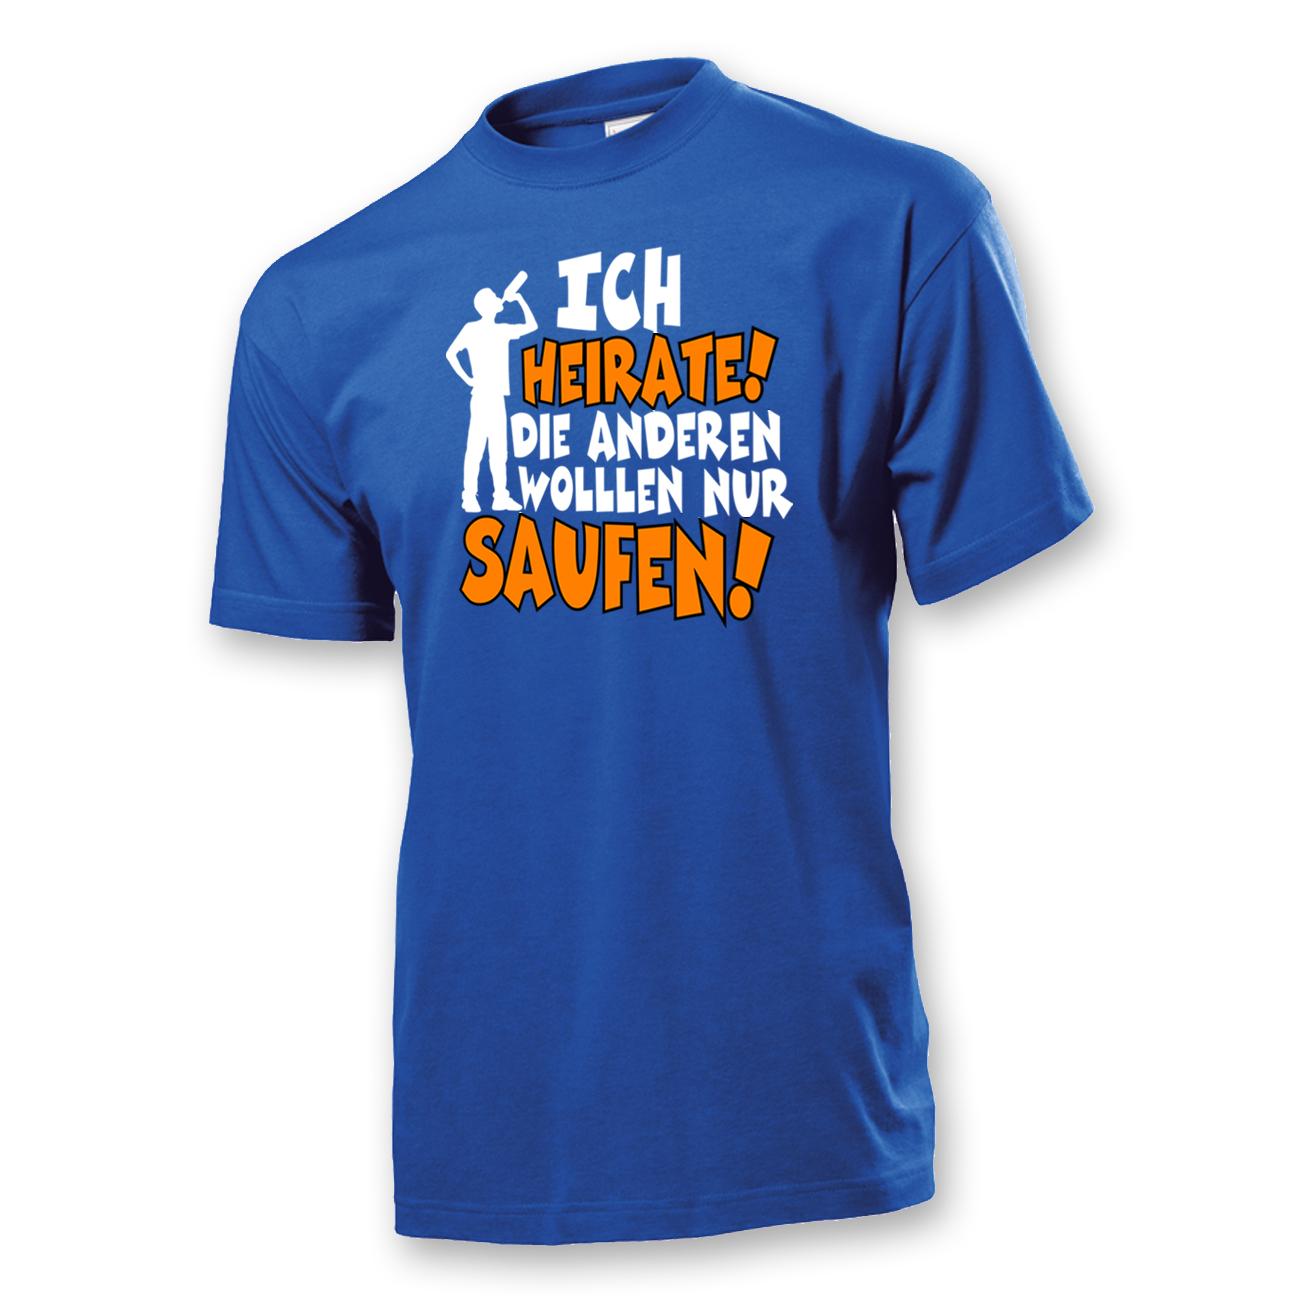 T-Shirt (Wir sind) ... nur zum saufen hier!